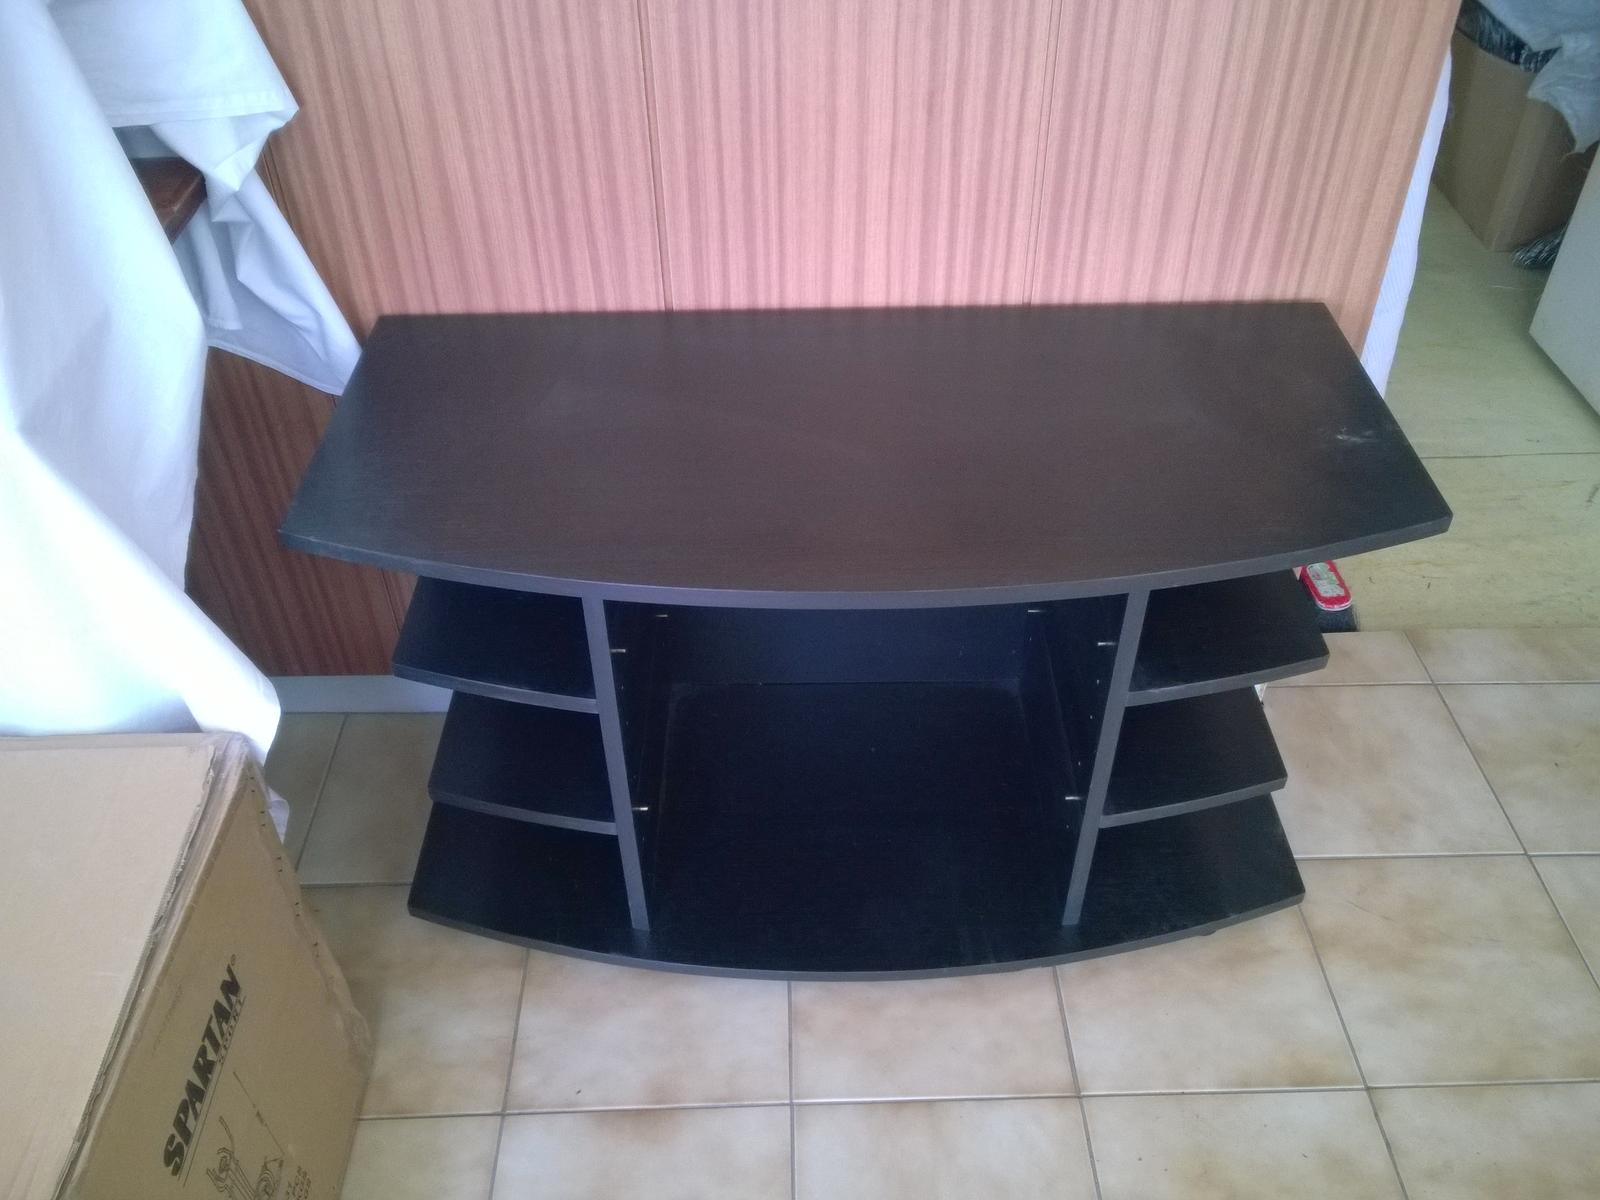 stolík pod TV - Obrázok č. 2